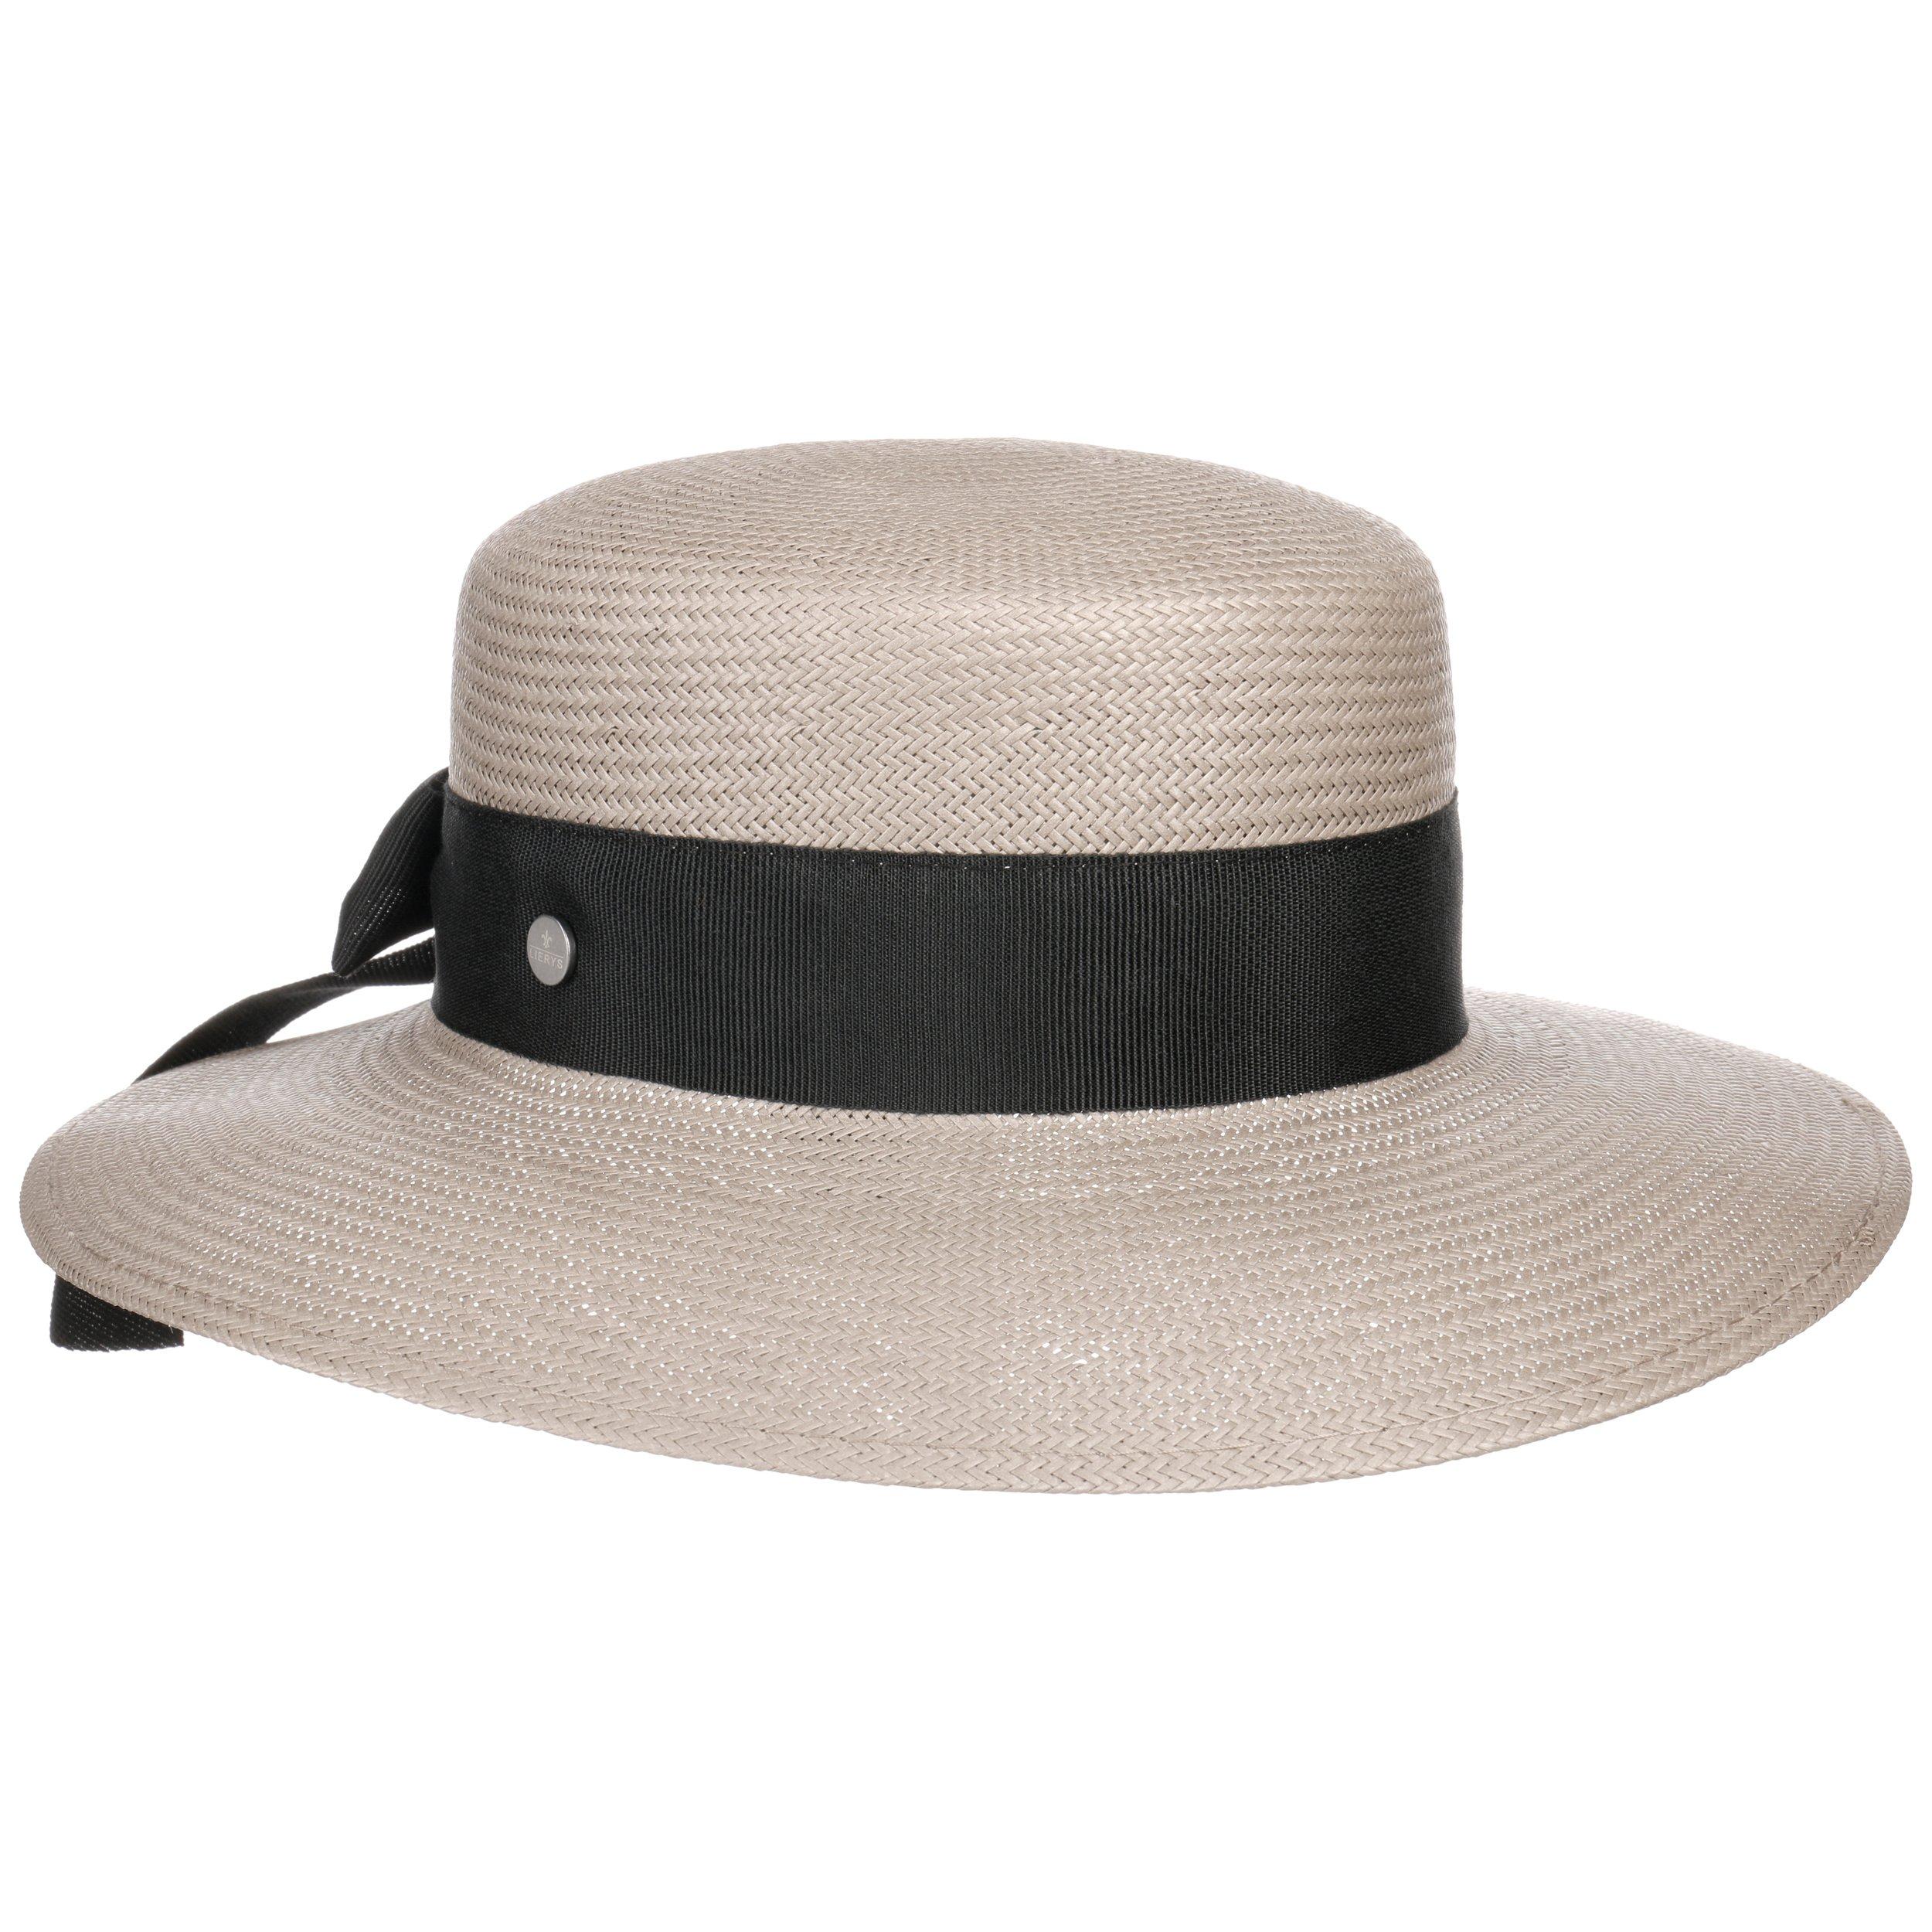 Fine Lady Straw Hat by Lierys Sun hats Lierys 3vQpMweW